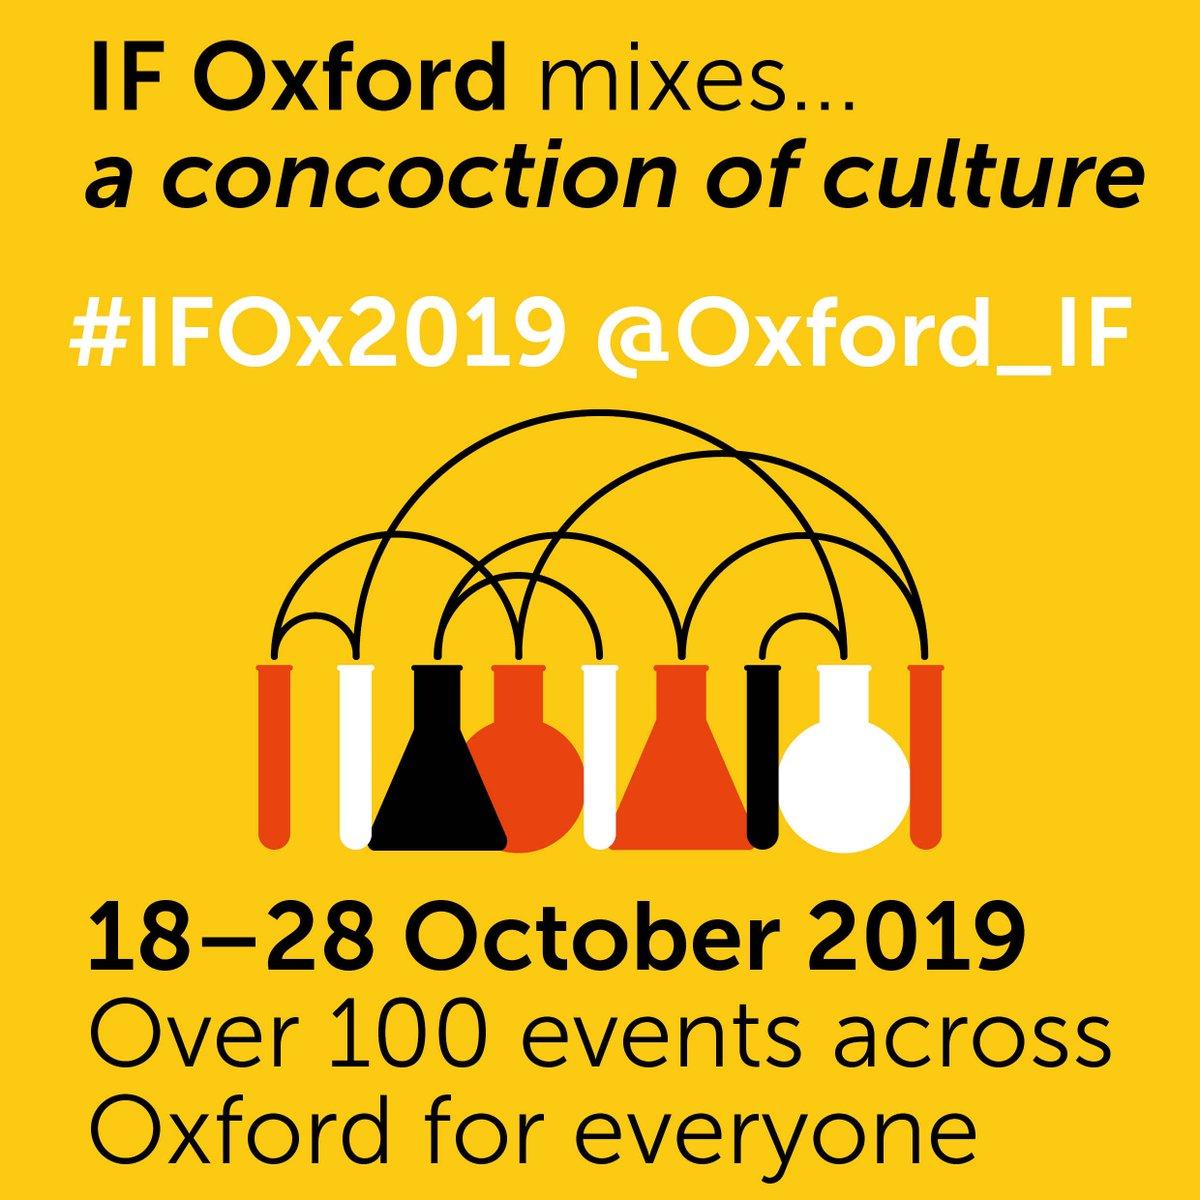 oxford heroes 2 скачать бесплатно